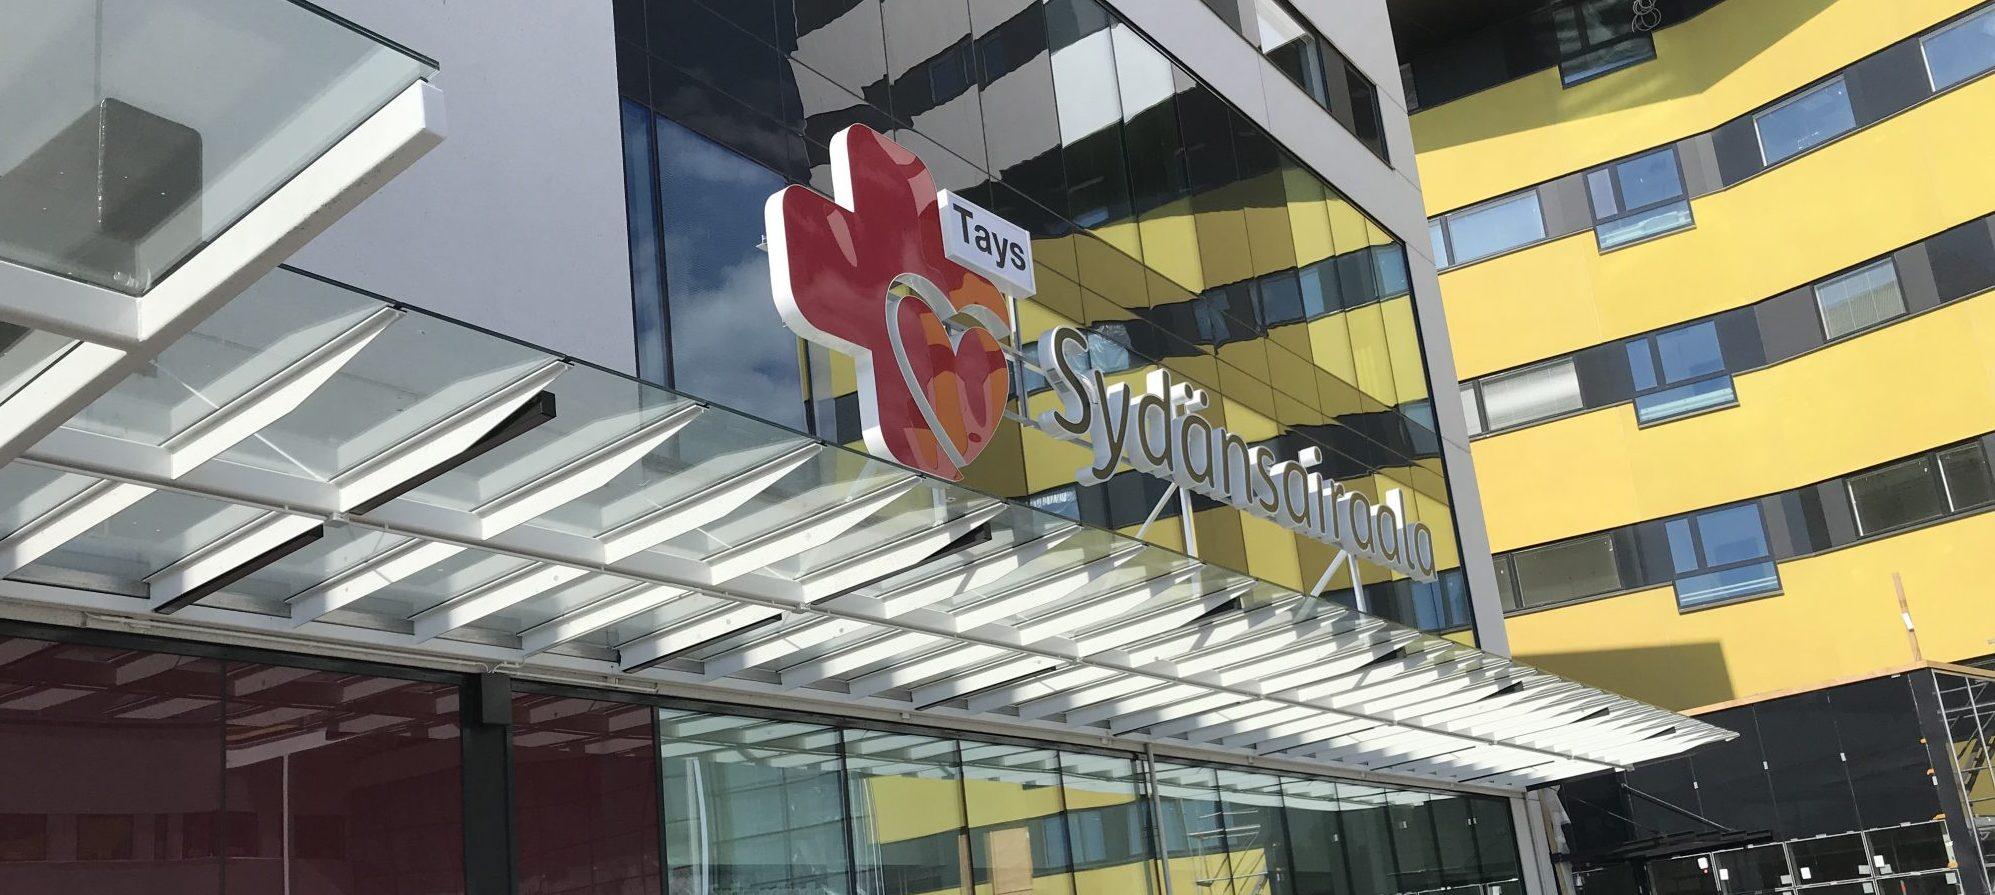 Sydänsairaalan logo ulko-oven päällä